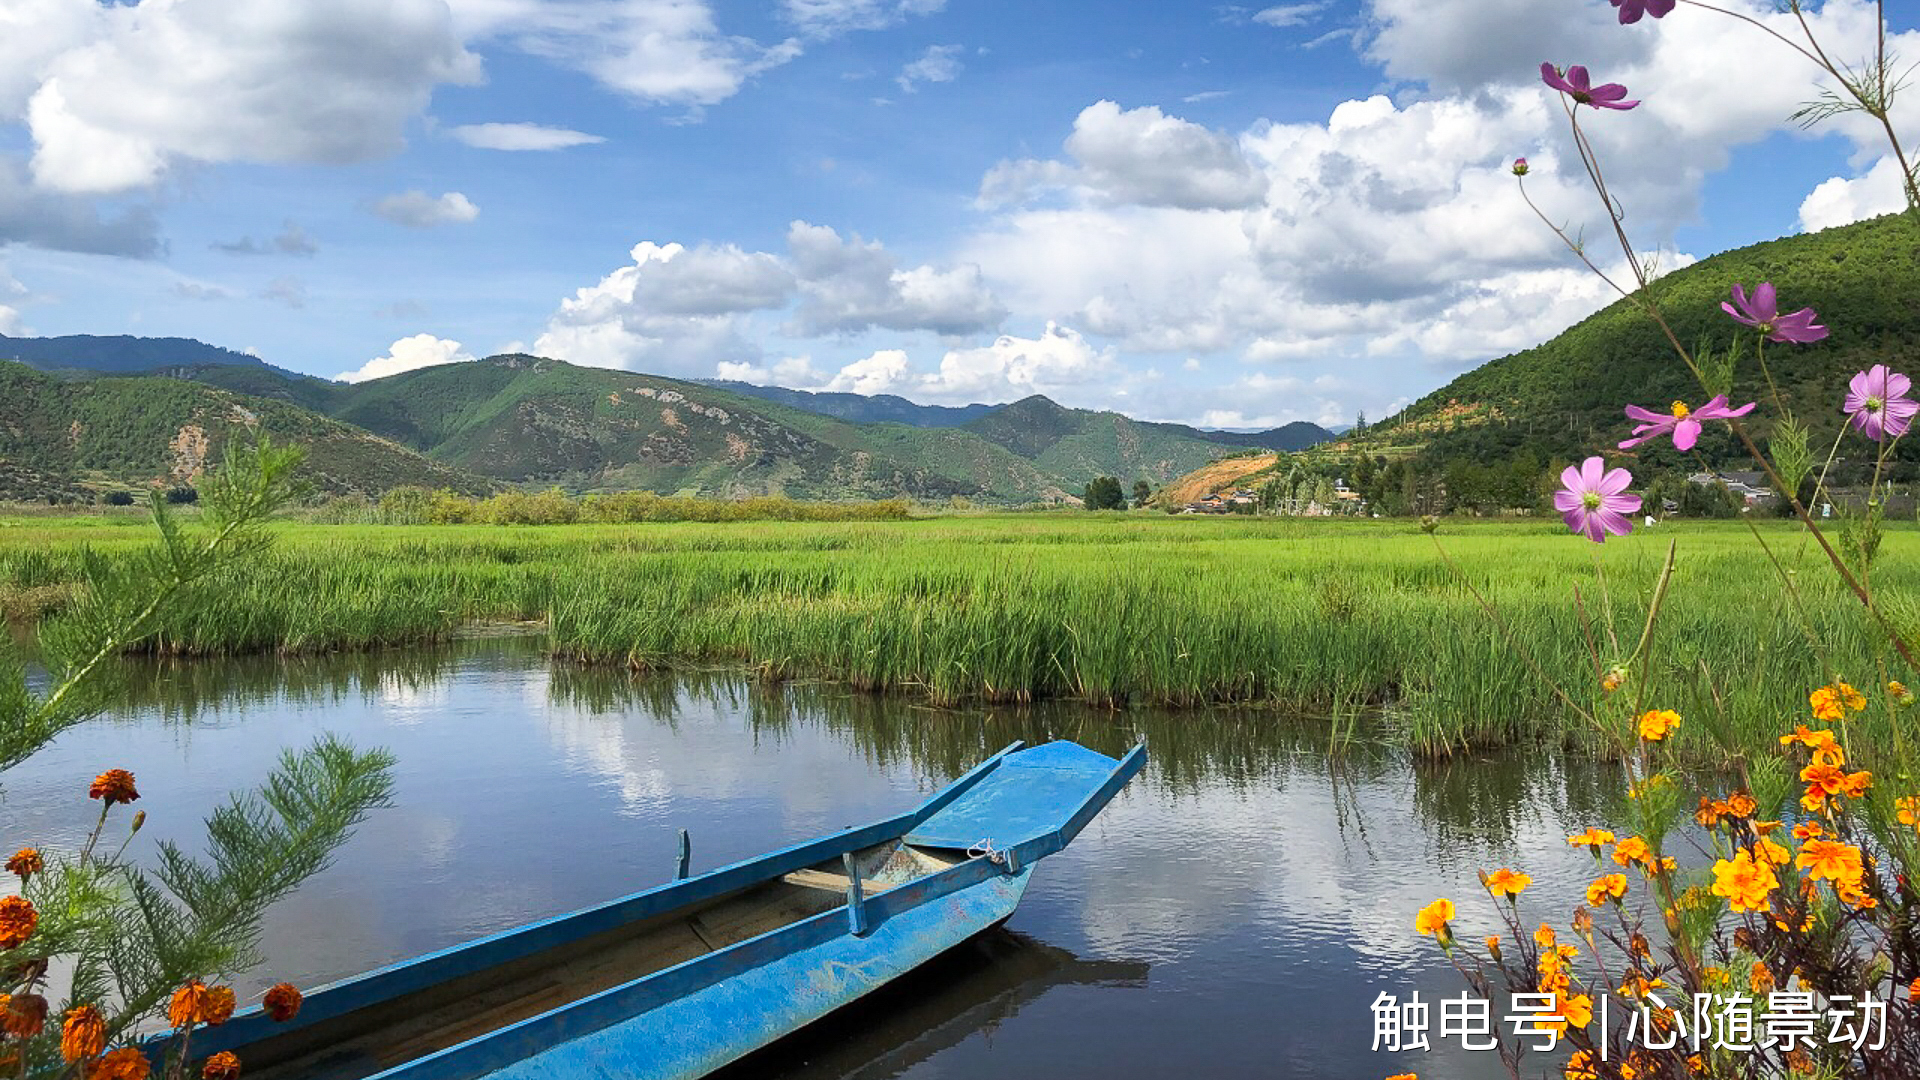 7月国内最适合老年人旅游的4个地方,温度适宜,风景绝美